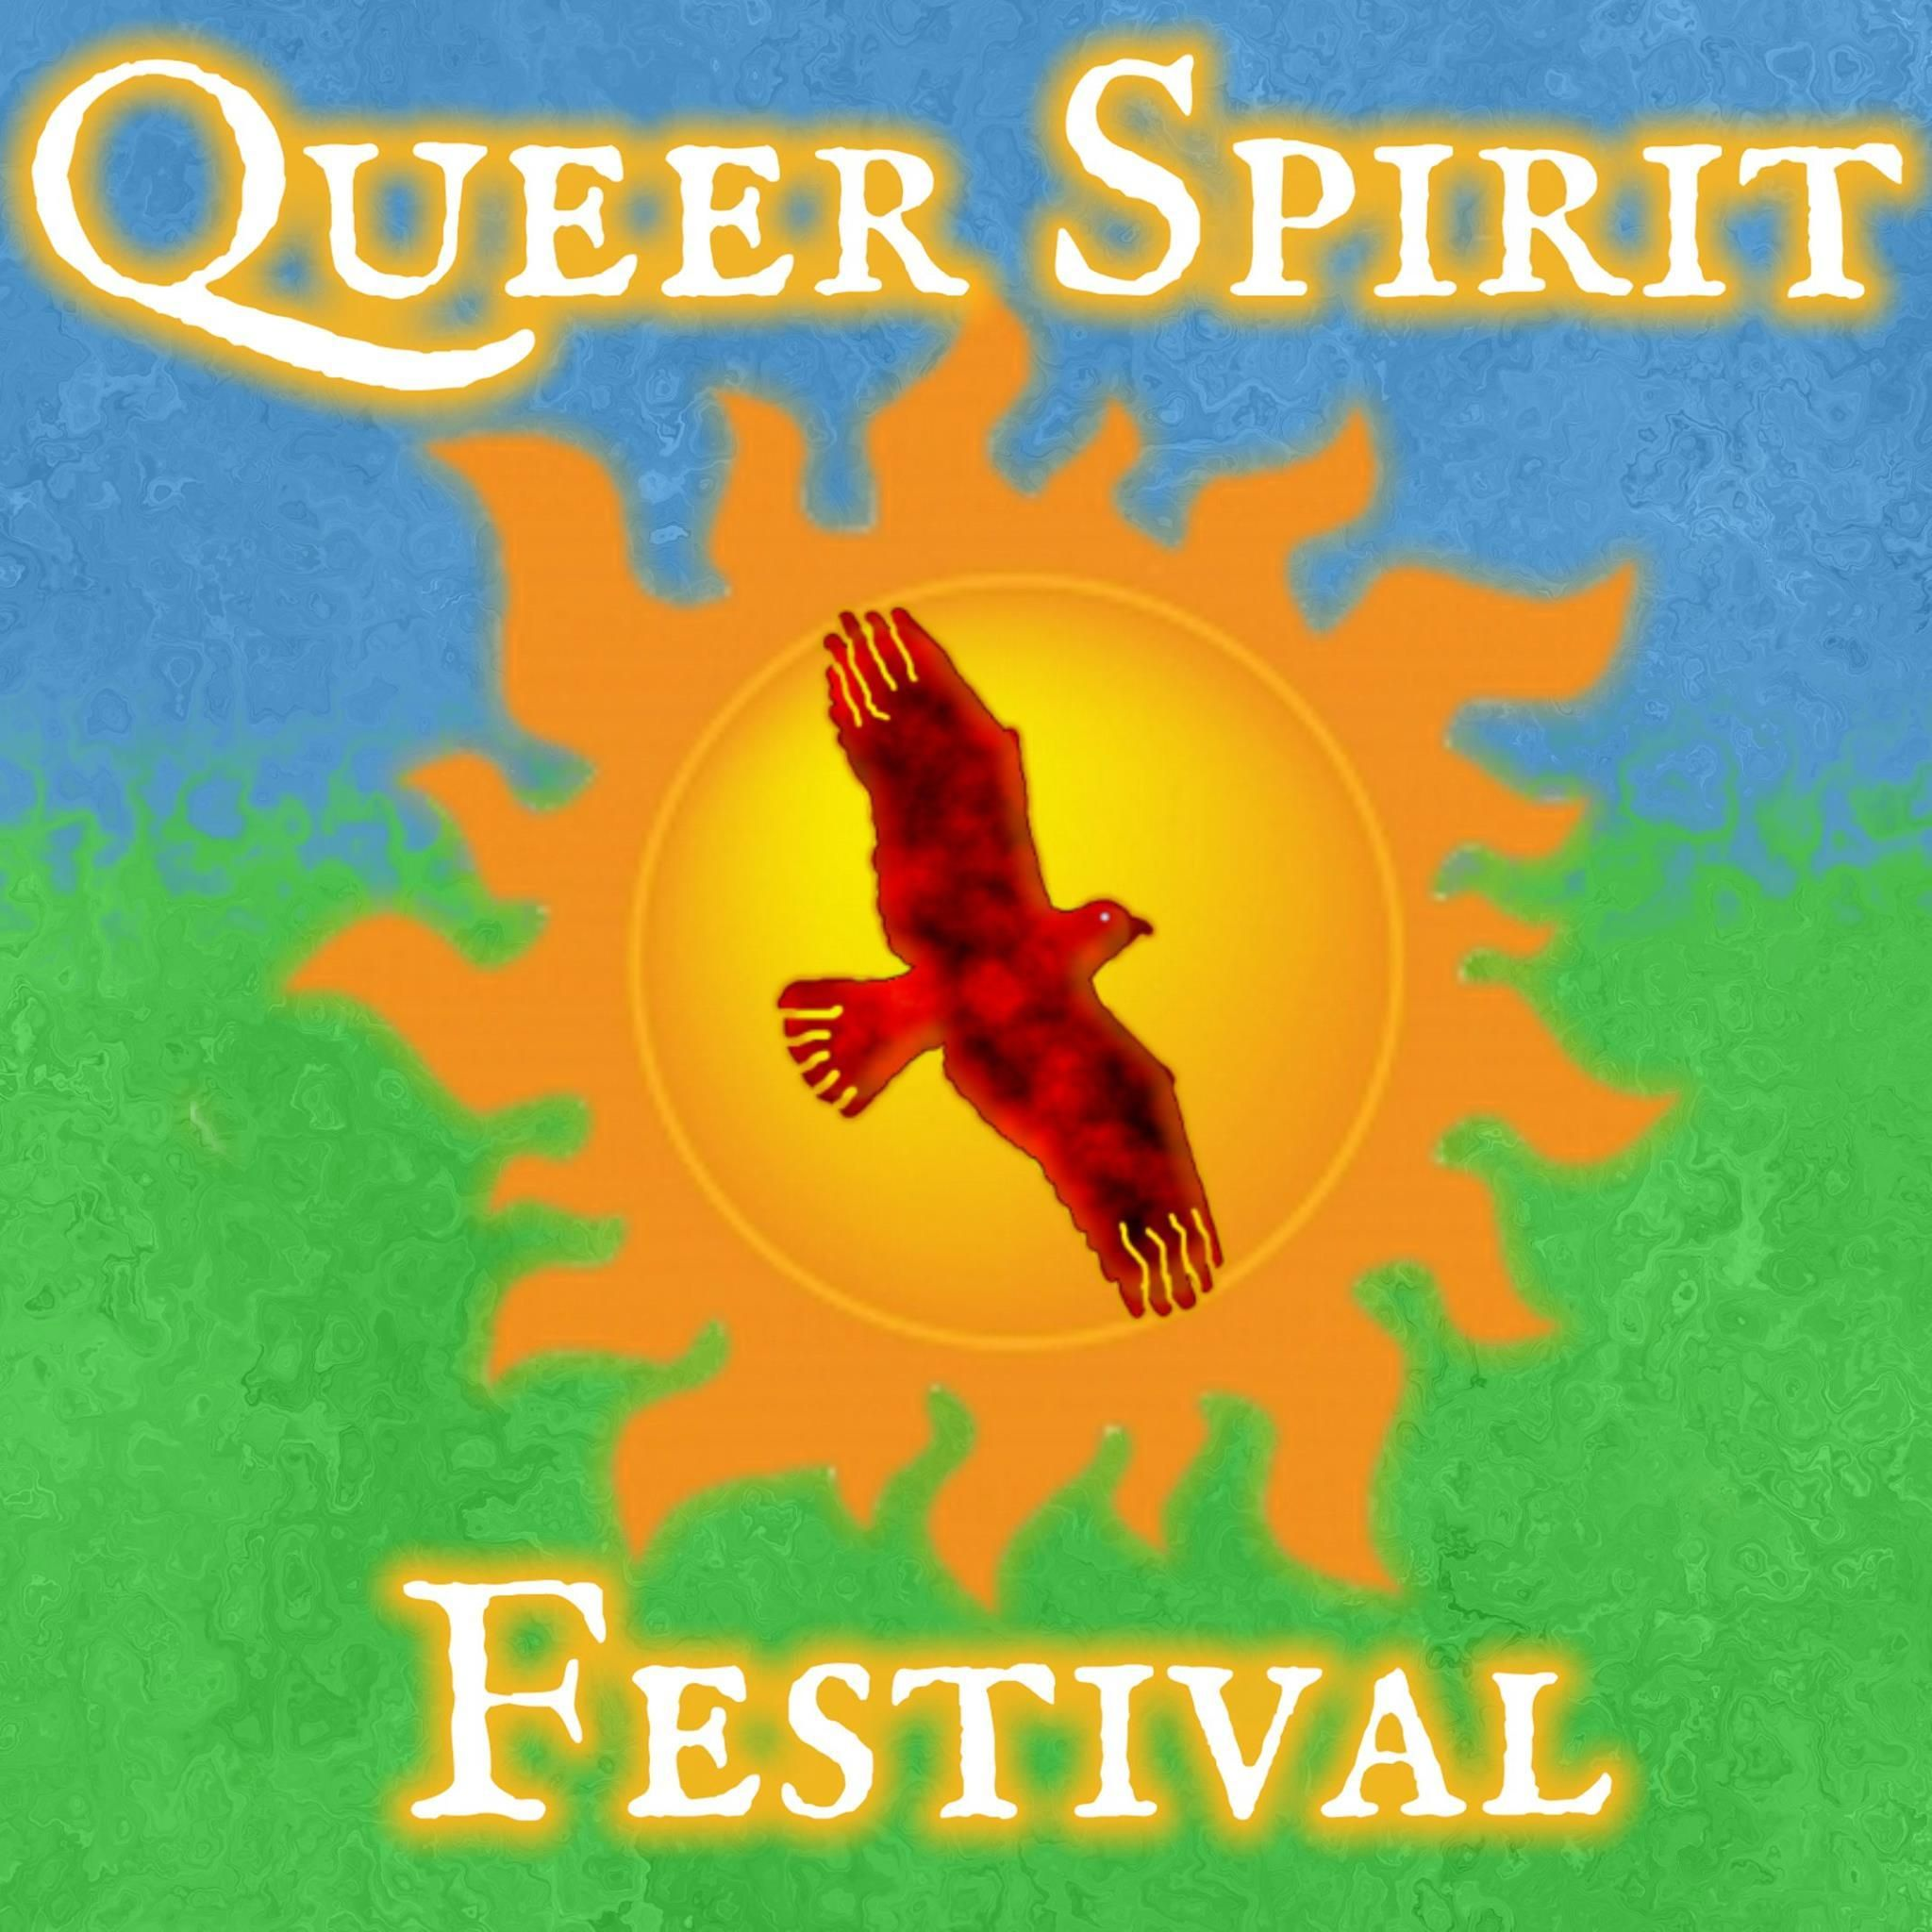 Queer Spirit London